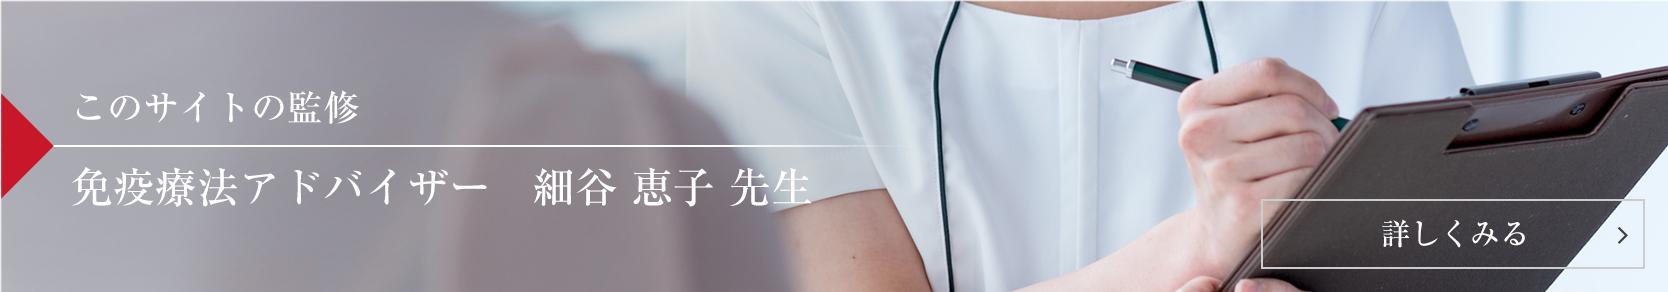 【このサイトの監修】免疫療法アドバイザー 細谷 恵子 先生